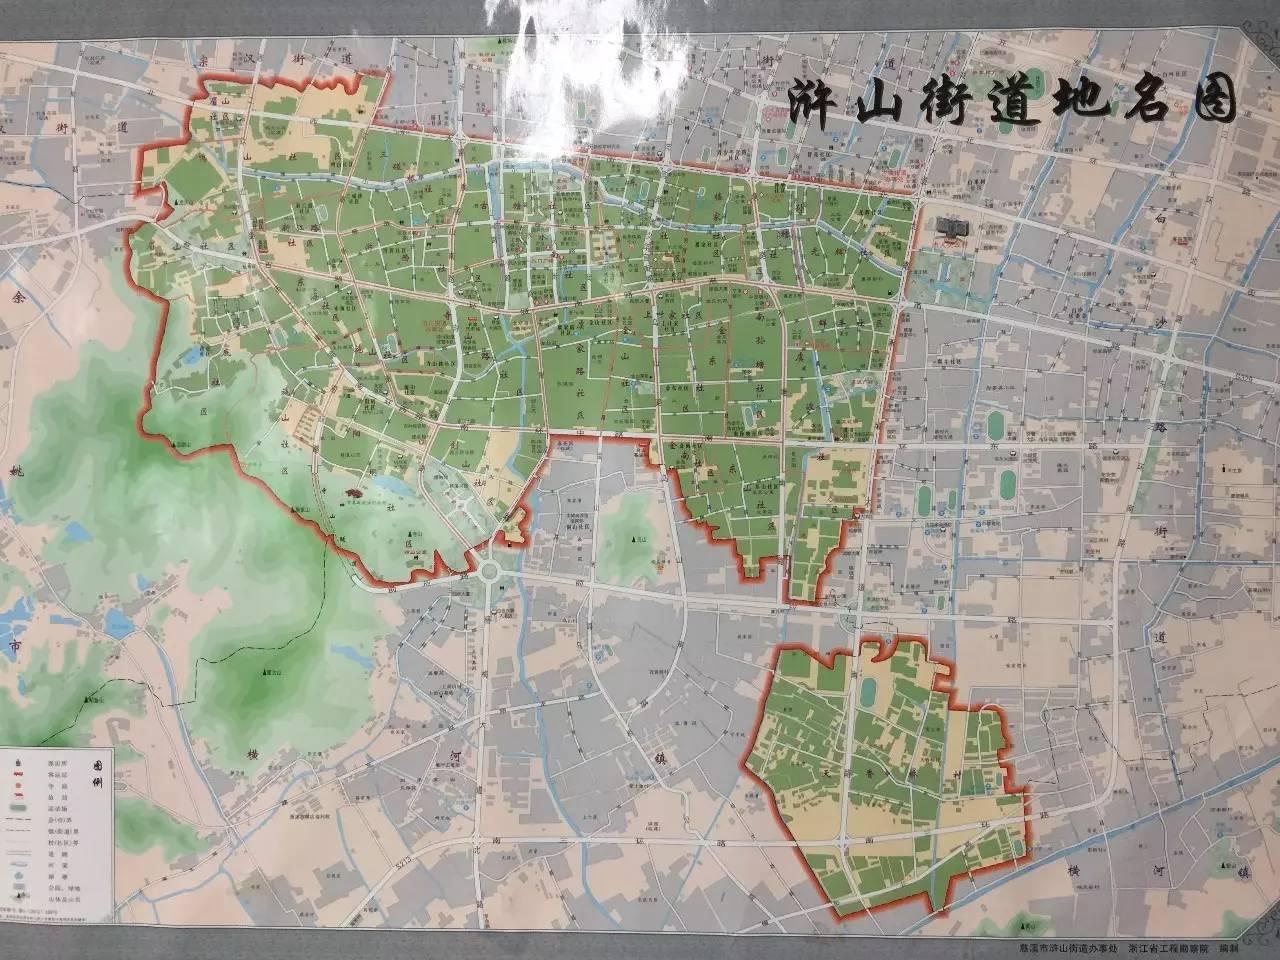 2017慈溪市城区小学,初中招生通告来了,内含学区划分图片